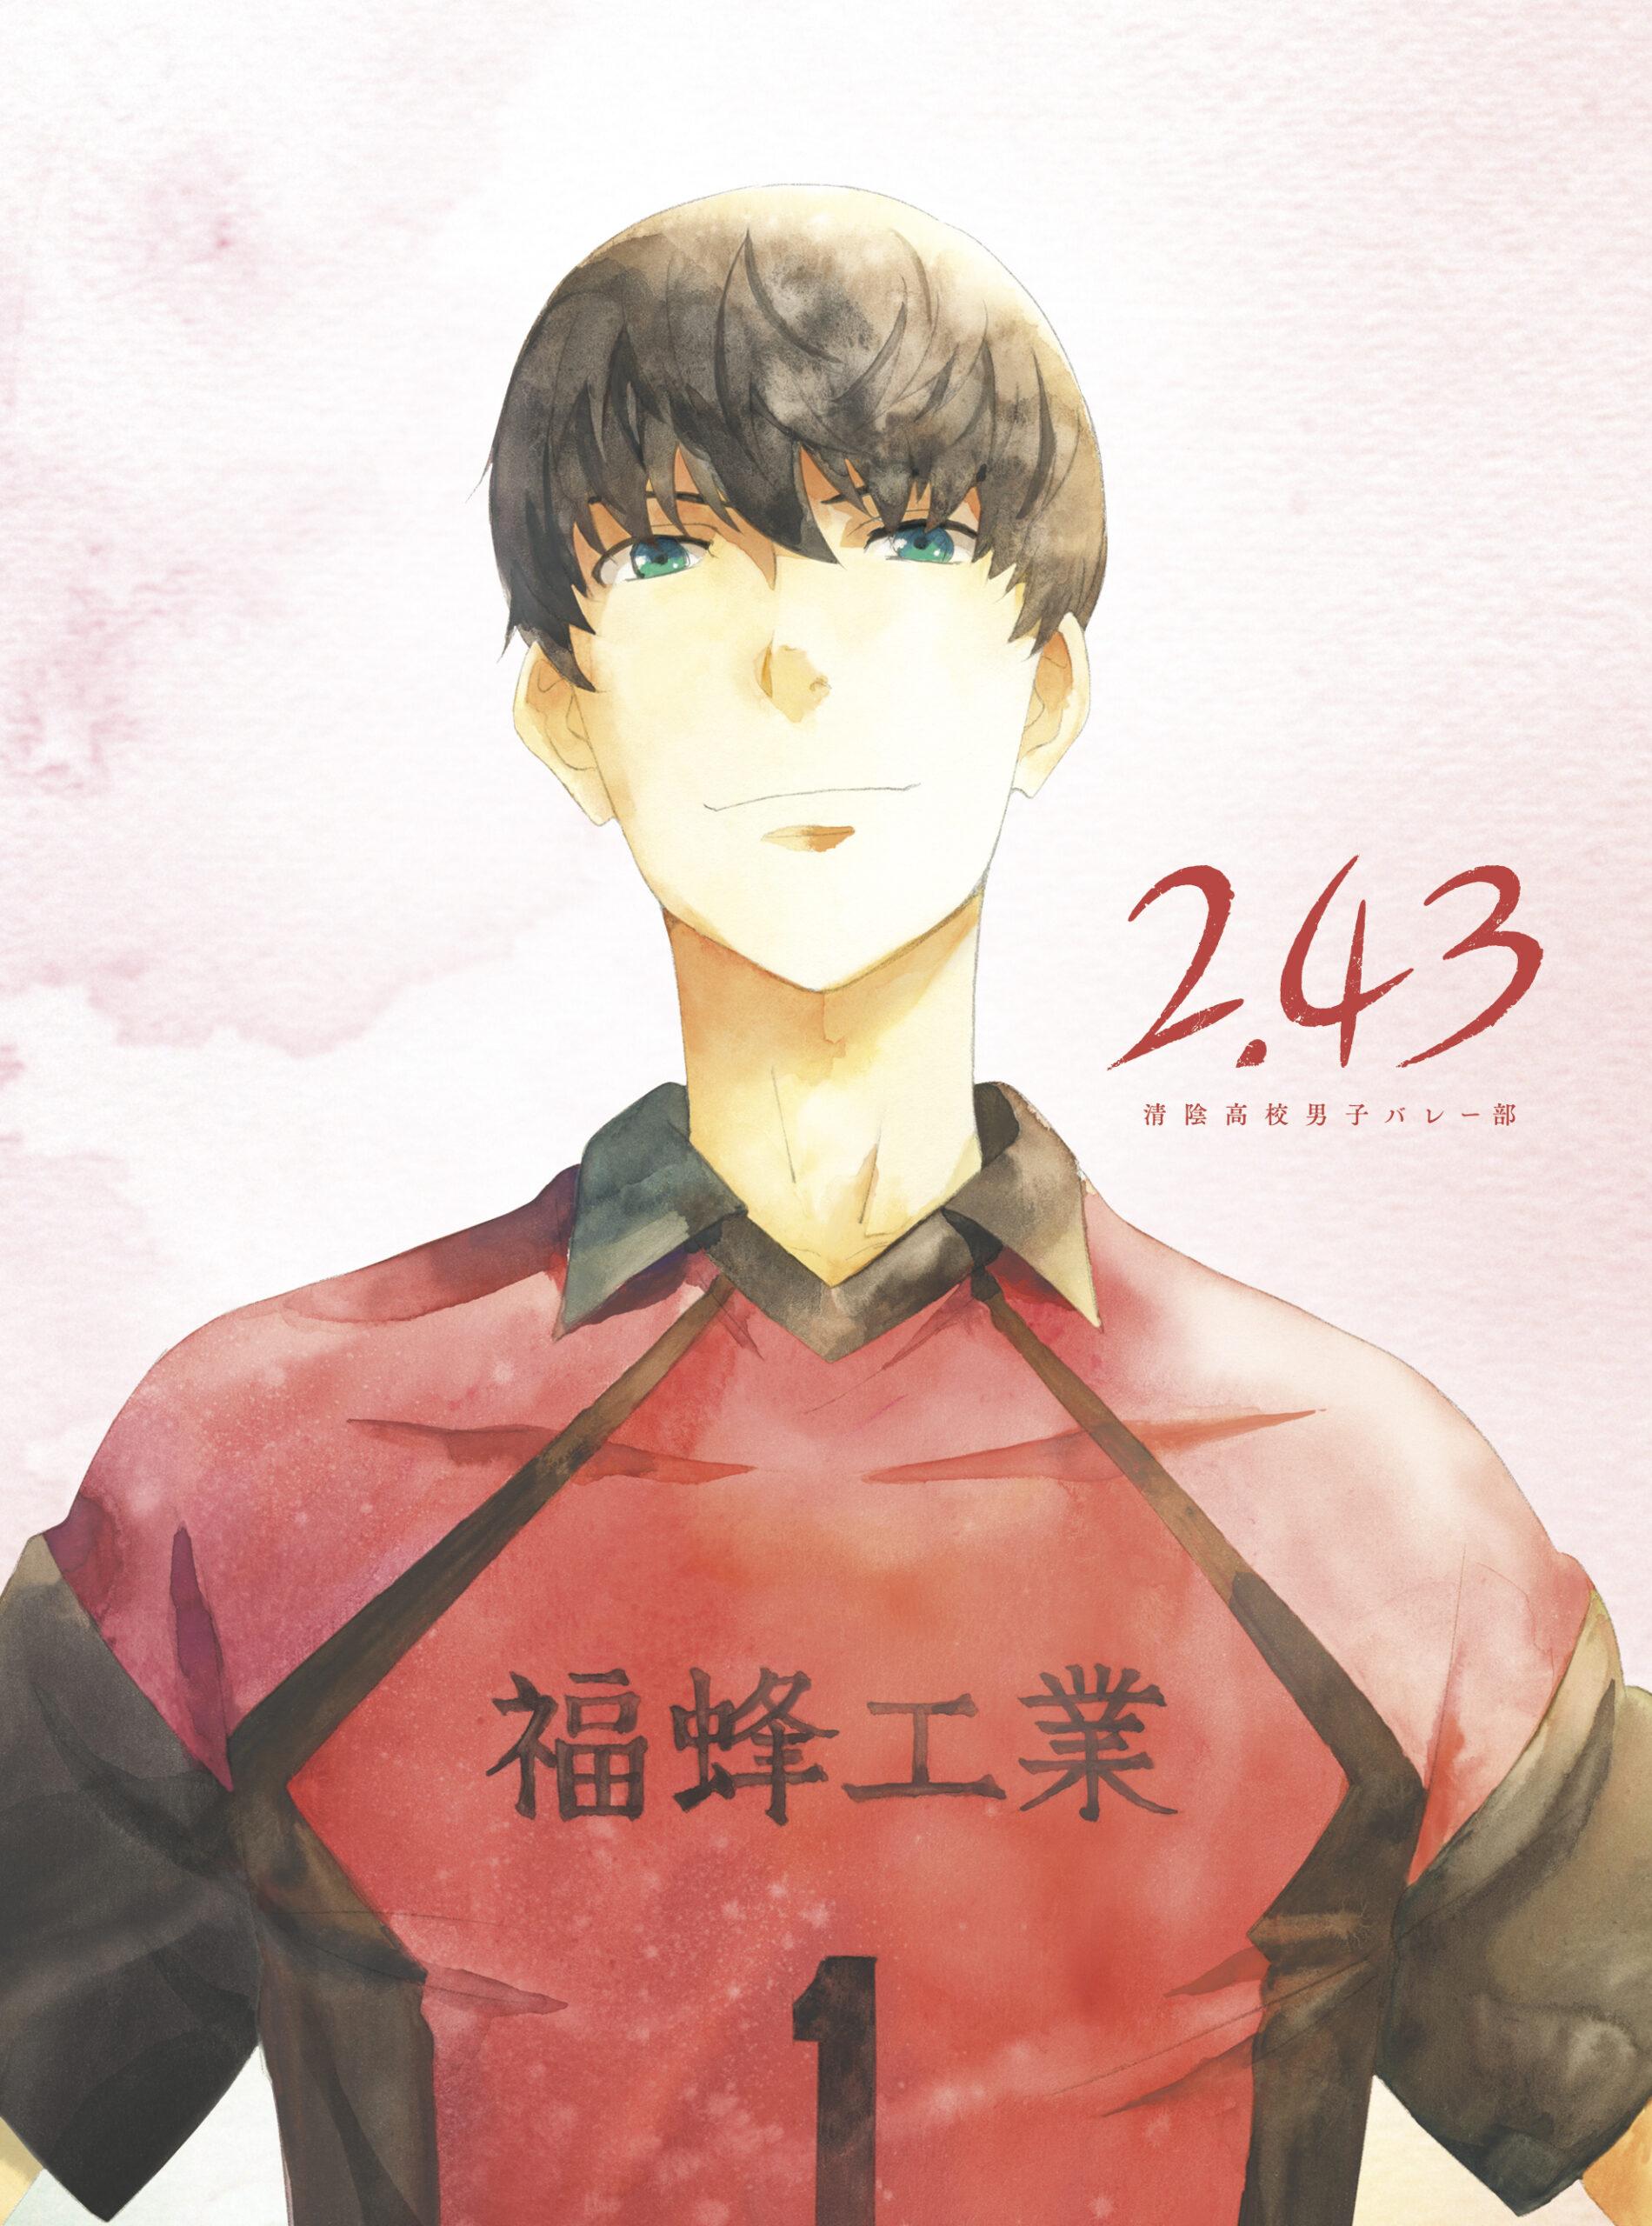 『2.43 清陰高校男子バレー部』下巻 完全生産限定版